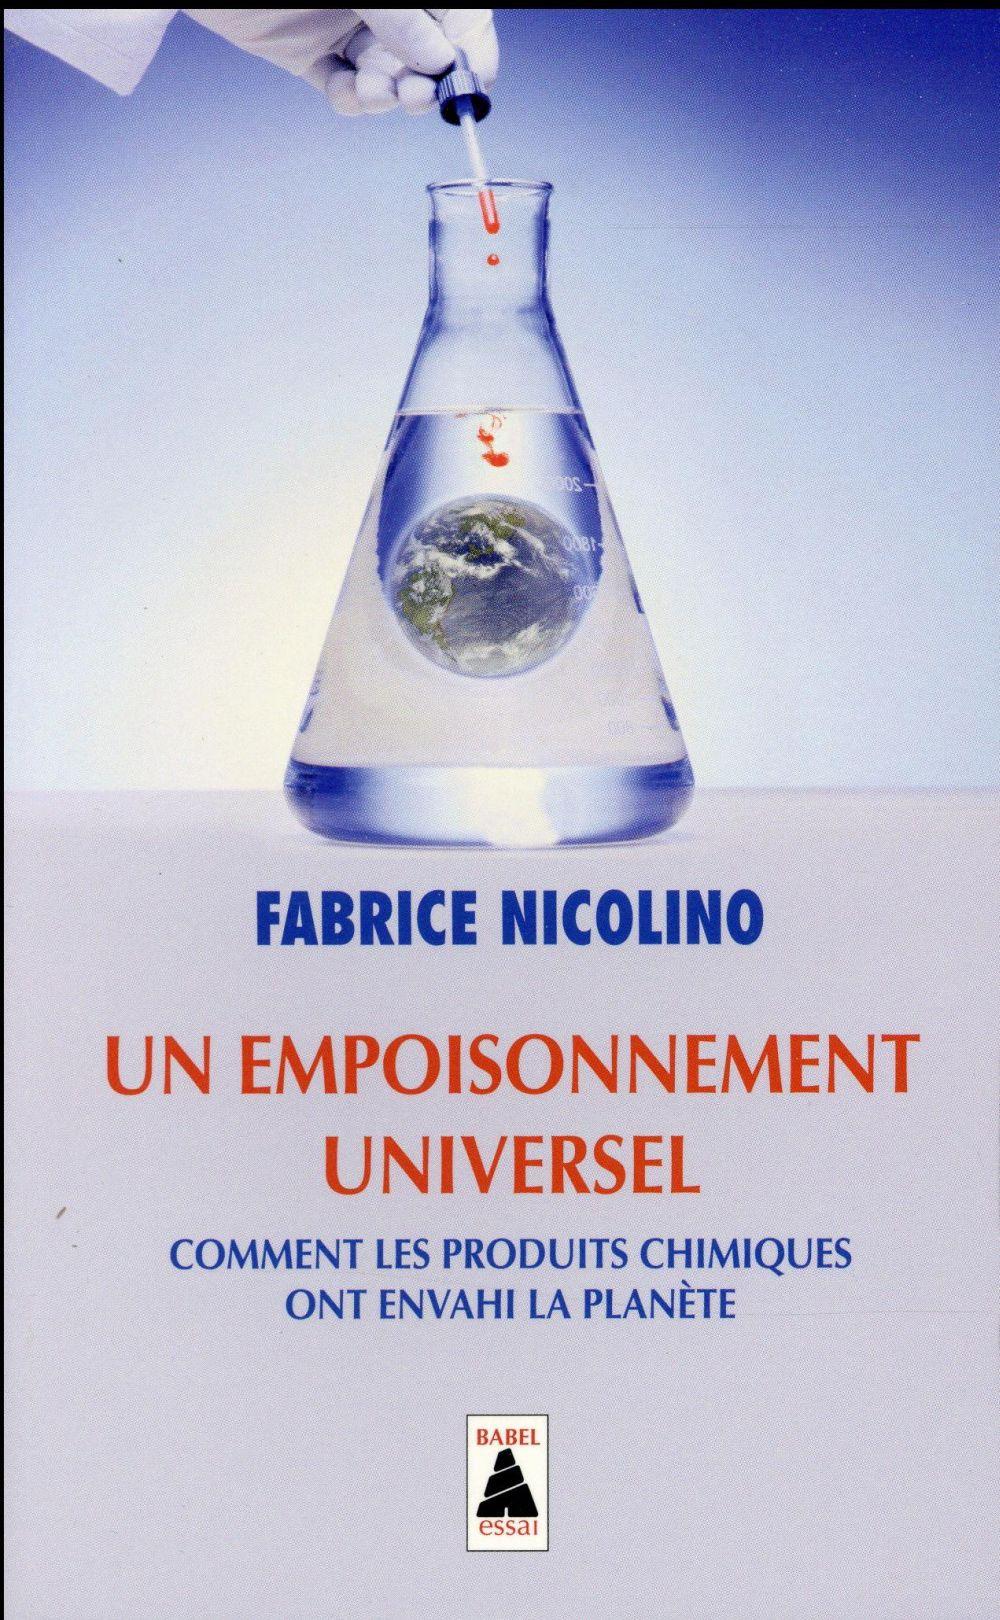 UN EMPOISONNEMENT UNIVERSEL (BABEL). - COMMENT LES PRODUITS CHIMIQUES ONT ENVAHI LA PLANETE